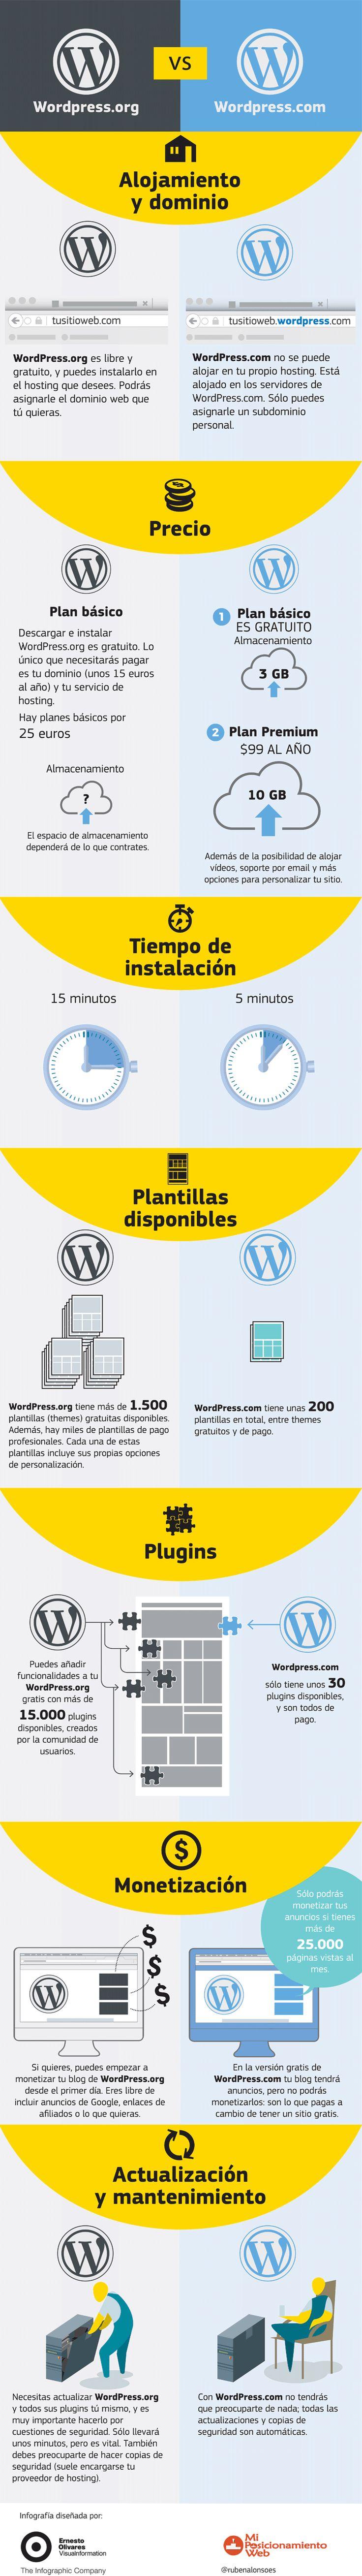 Cómo crear un blog en WordPress.com gratis paso a paso #crearunbloggratis